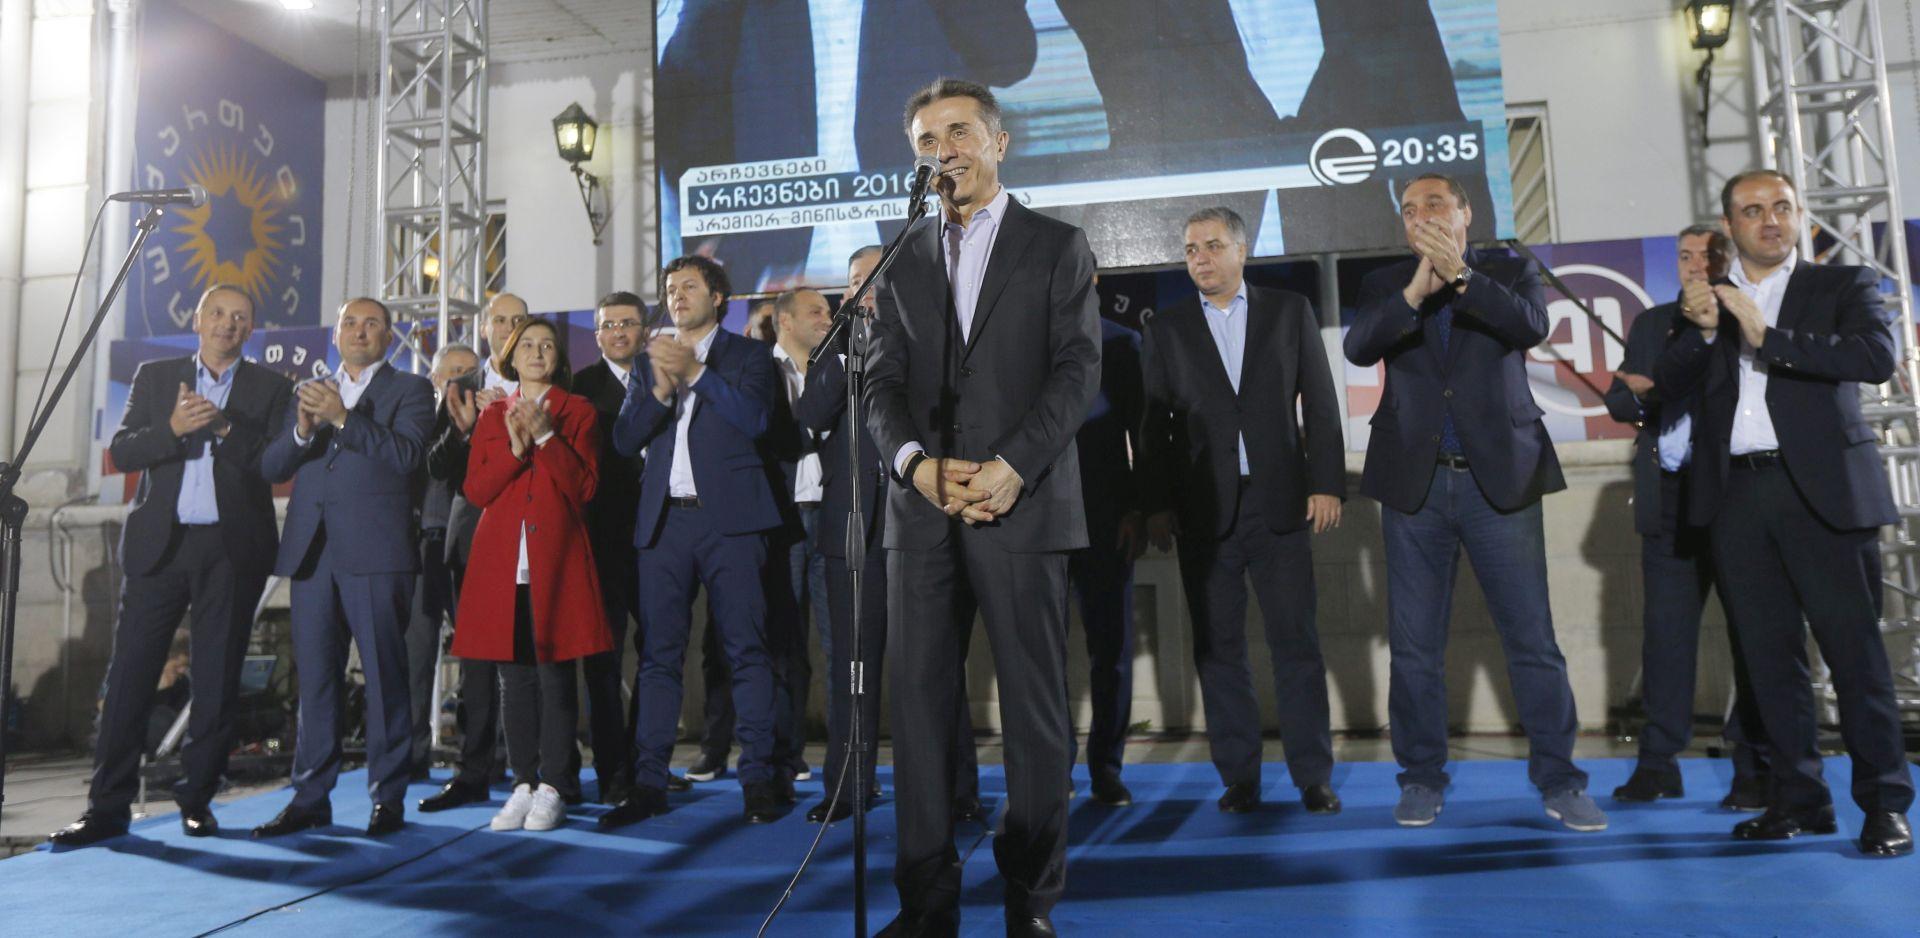 OESS pozdravlja dobro organizirane izbore u Gruziji, na kojima je pobijedila stranka na vlasti